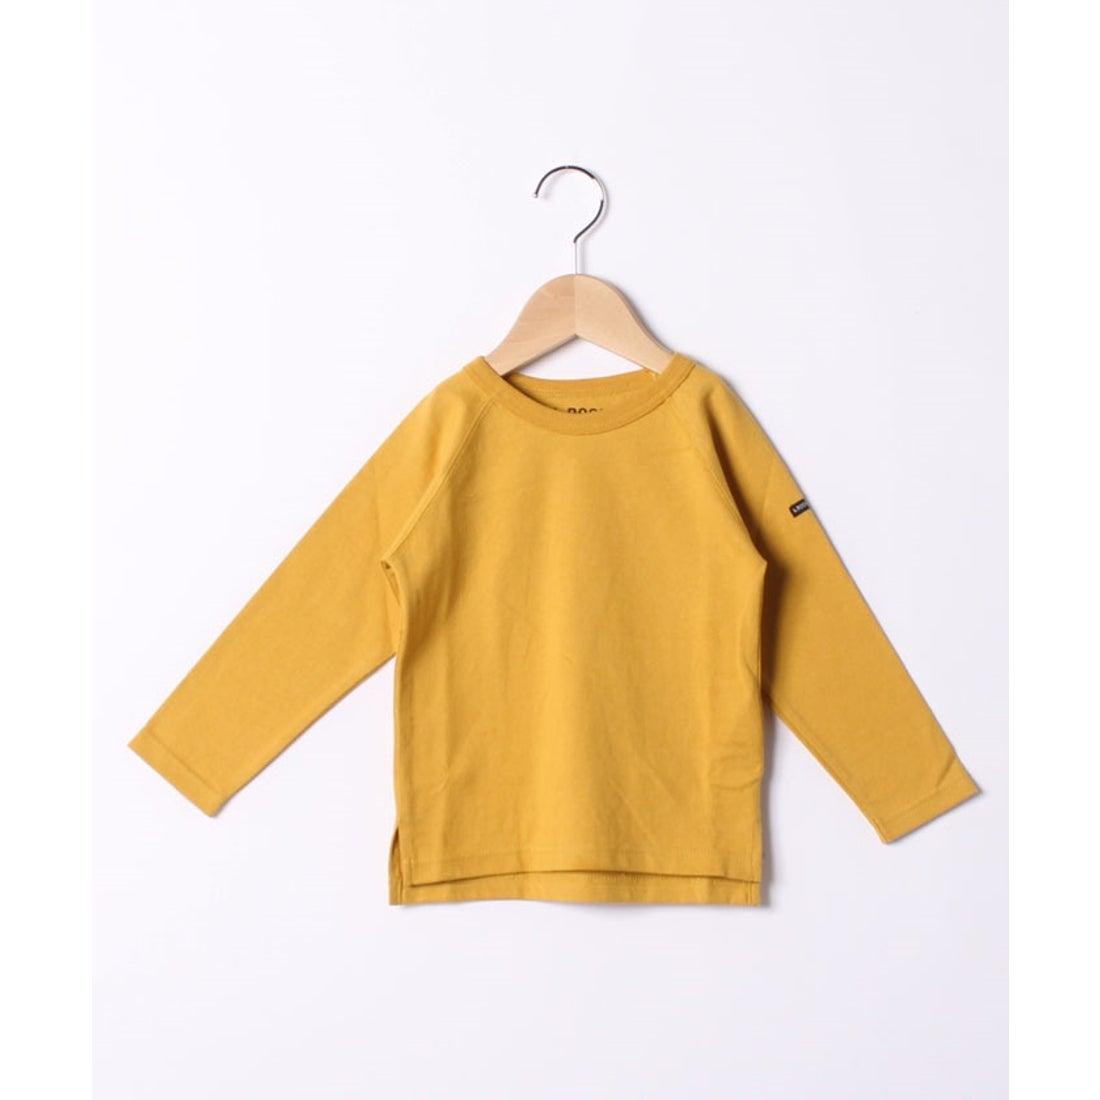 ロコンド 靴とファッションの通販サイトb-ROOM 【WEB限定】ラグラン長袖Tシャツ(イエロー)